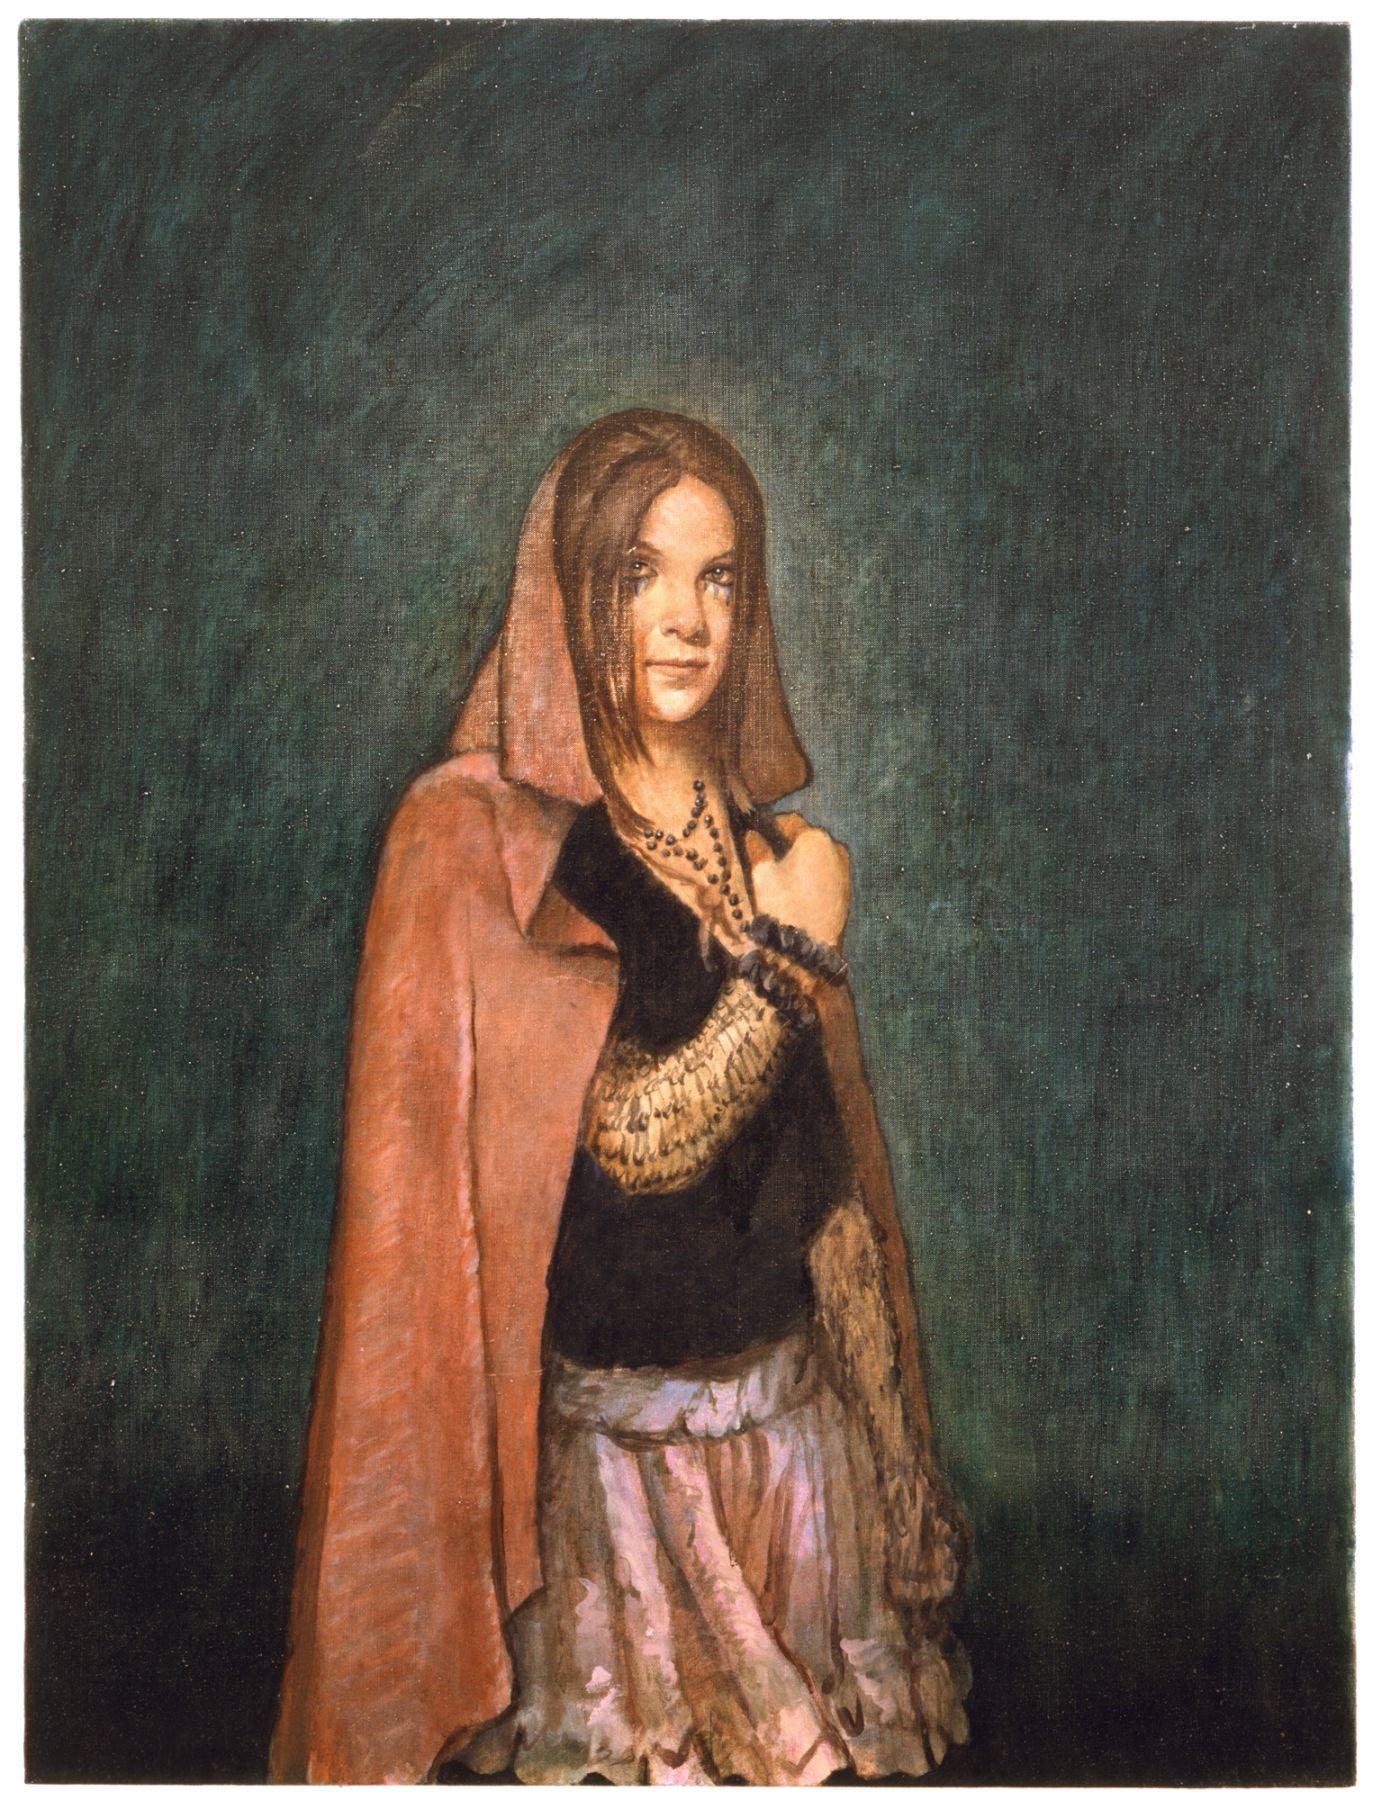 Margaret Burr, 2006, Oil on linen, 39.75 x 29.75 inches